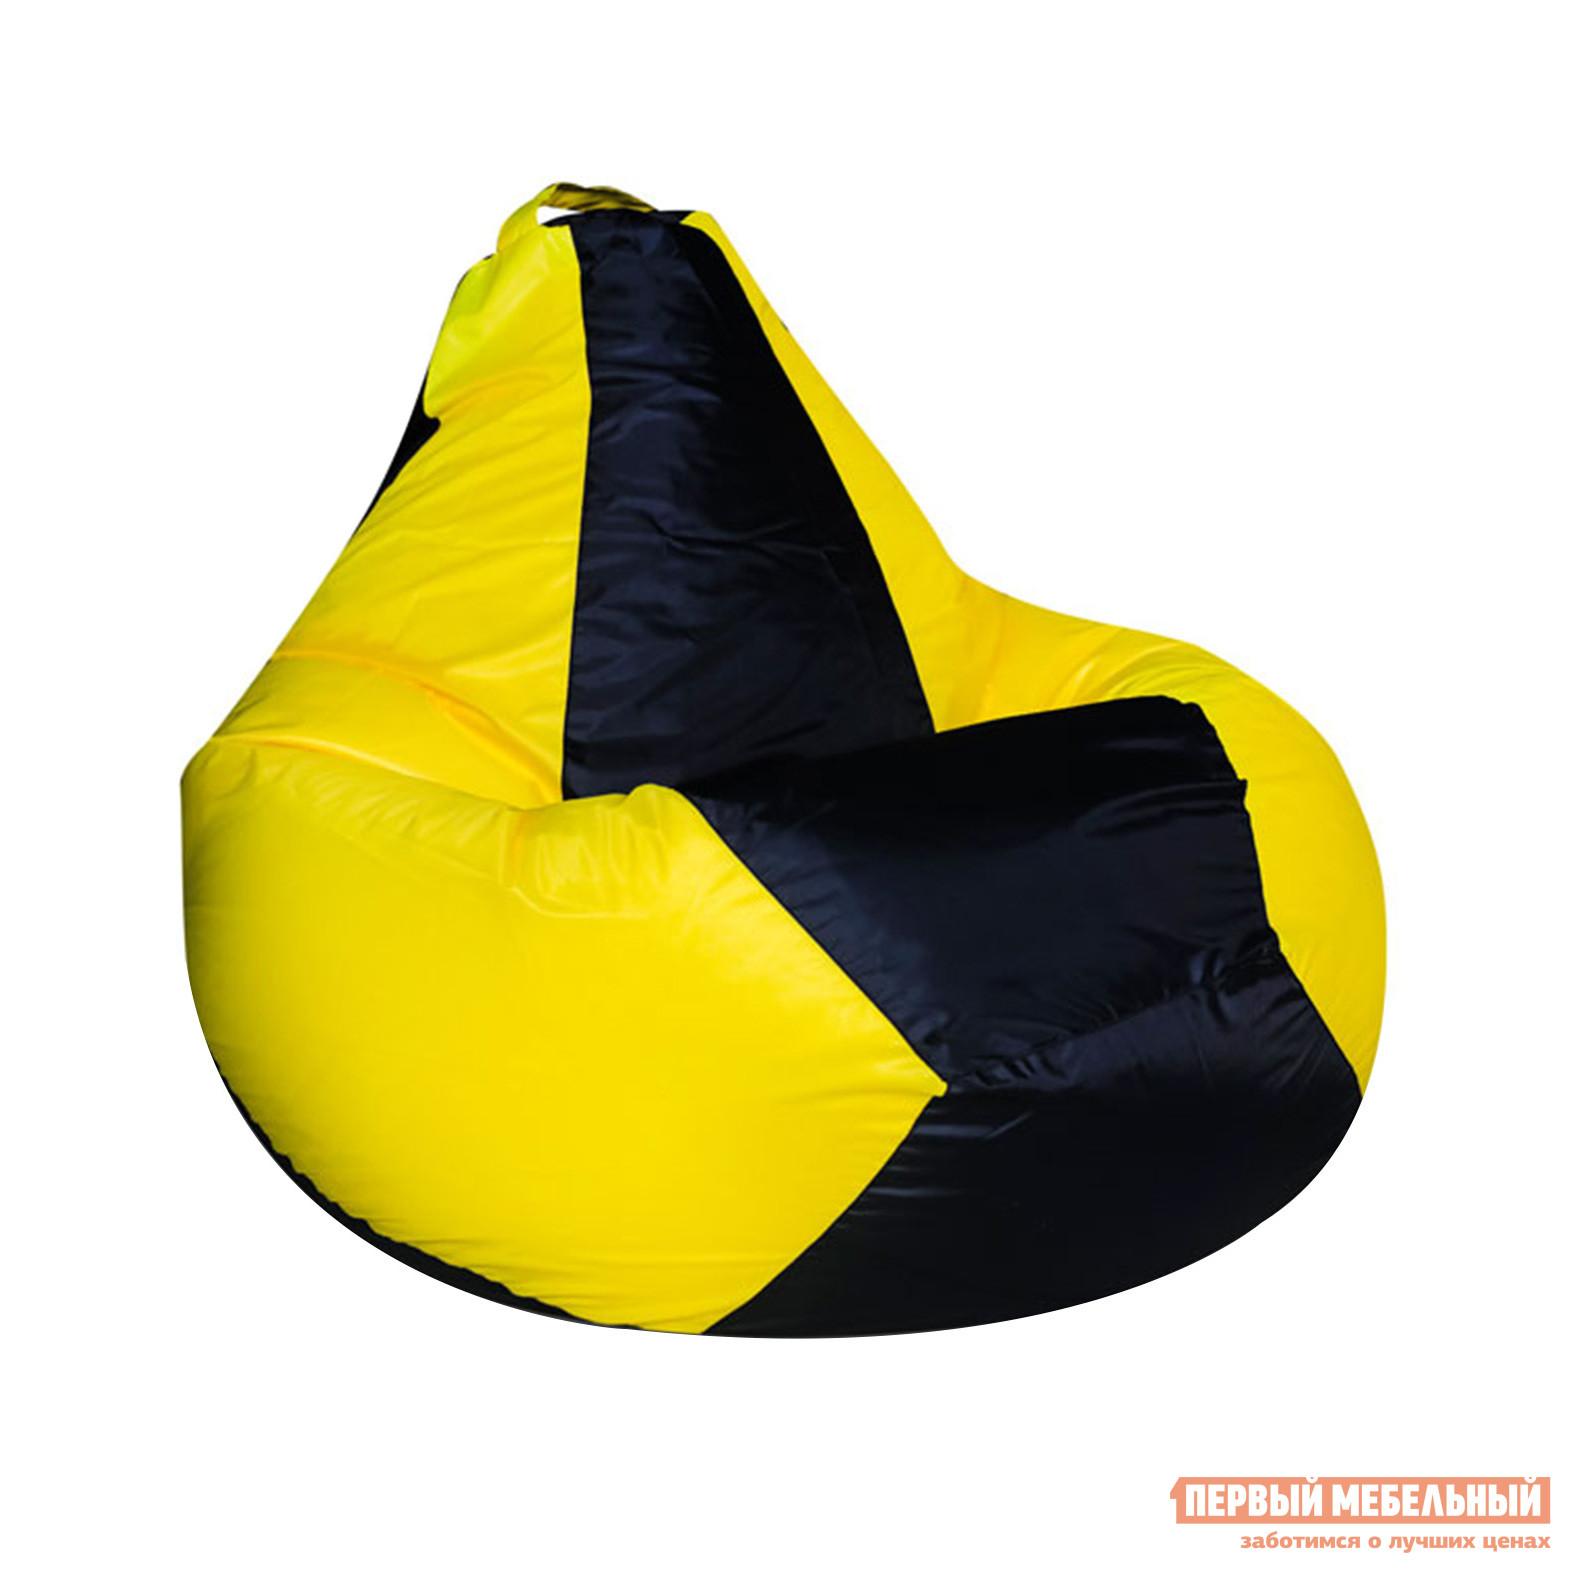 Кресло-мешок DreamBag Фитнес Желтый / Черный Оксфорд от Купистол